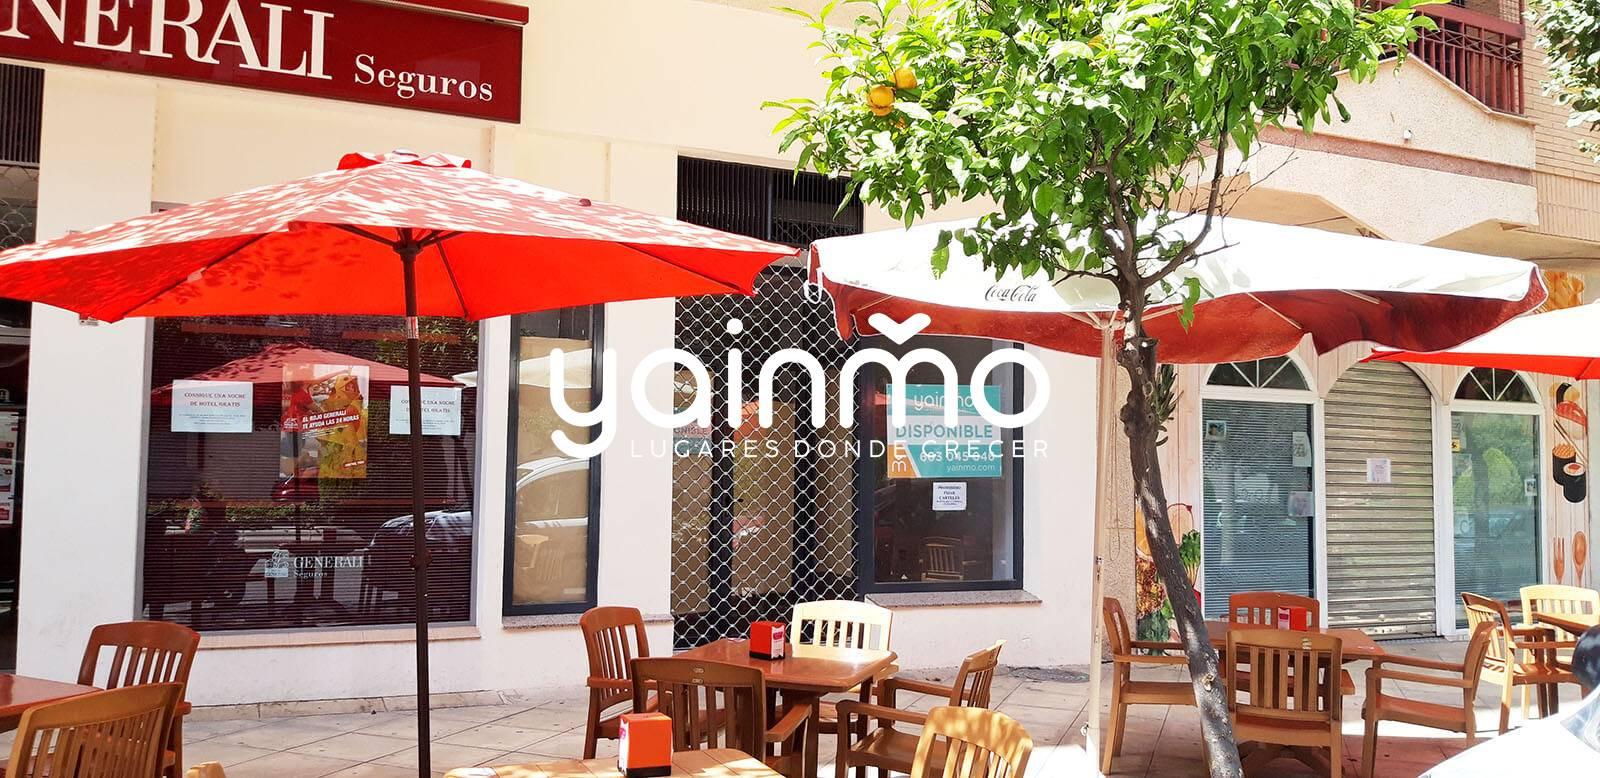 Alquiler Local   Bulevar   Jaén